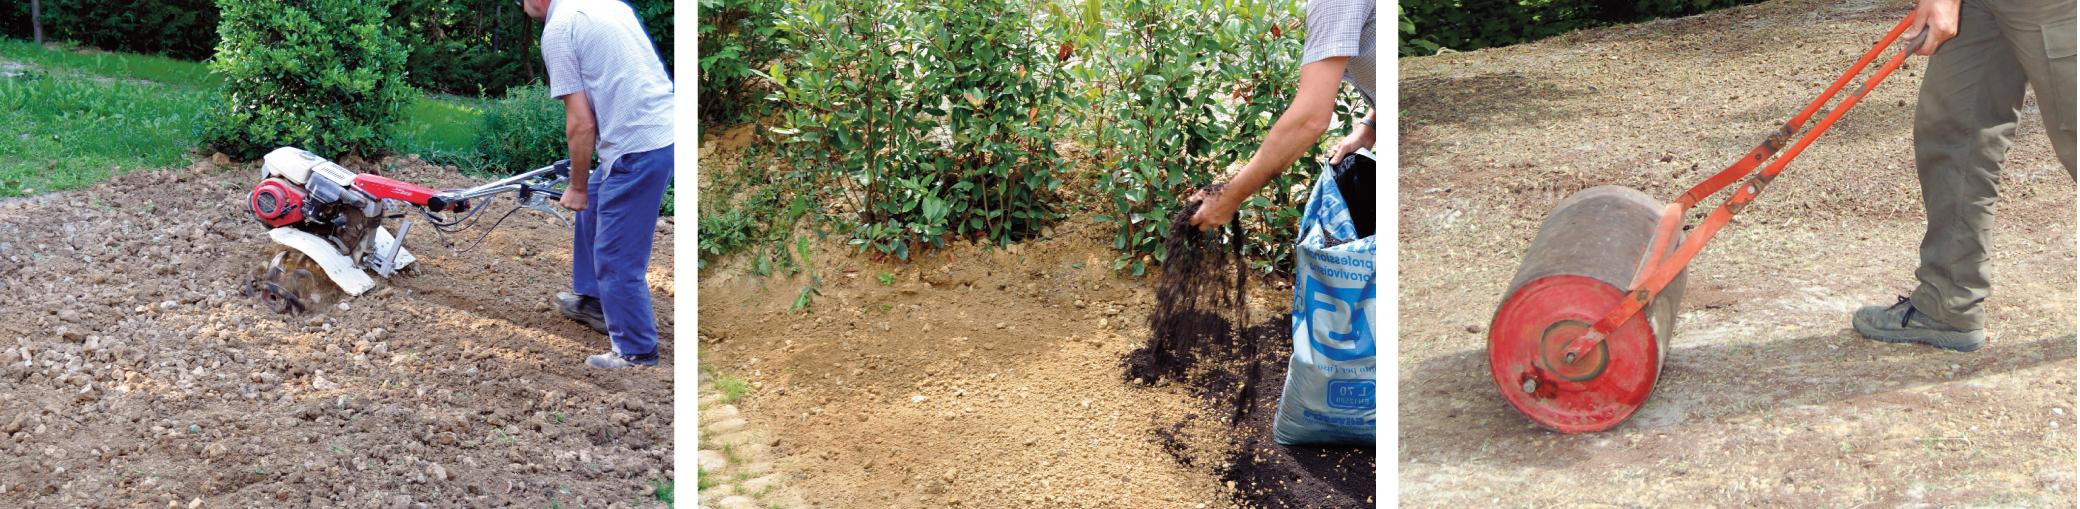 Prato a rotoli preparazione terreno confortevole for Prato erboso a rotoli